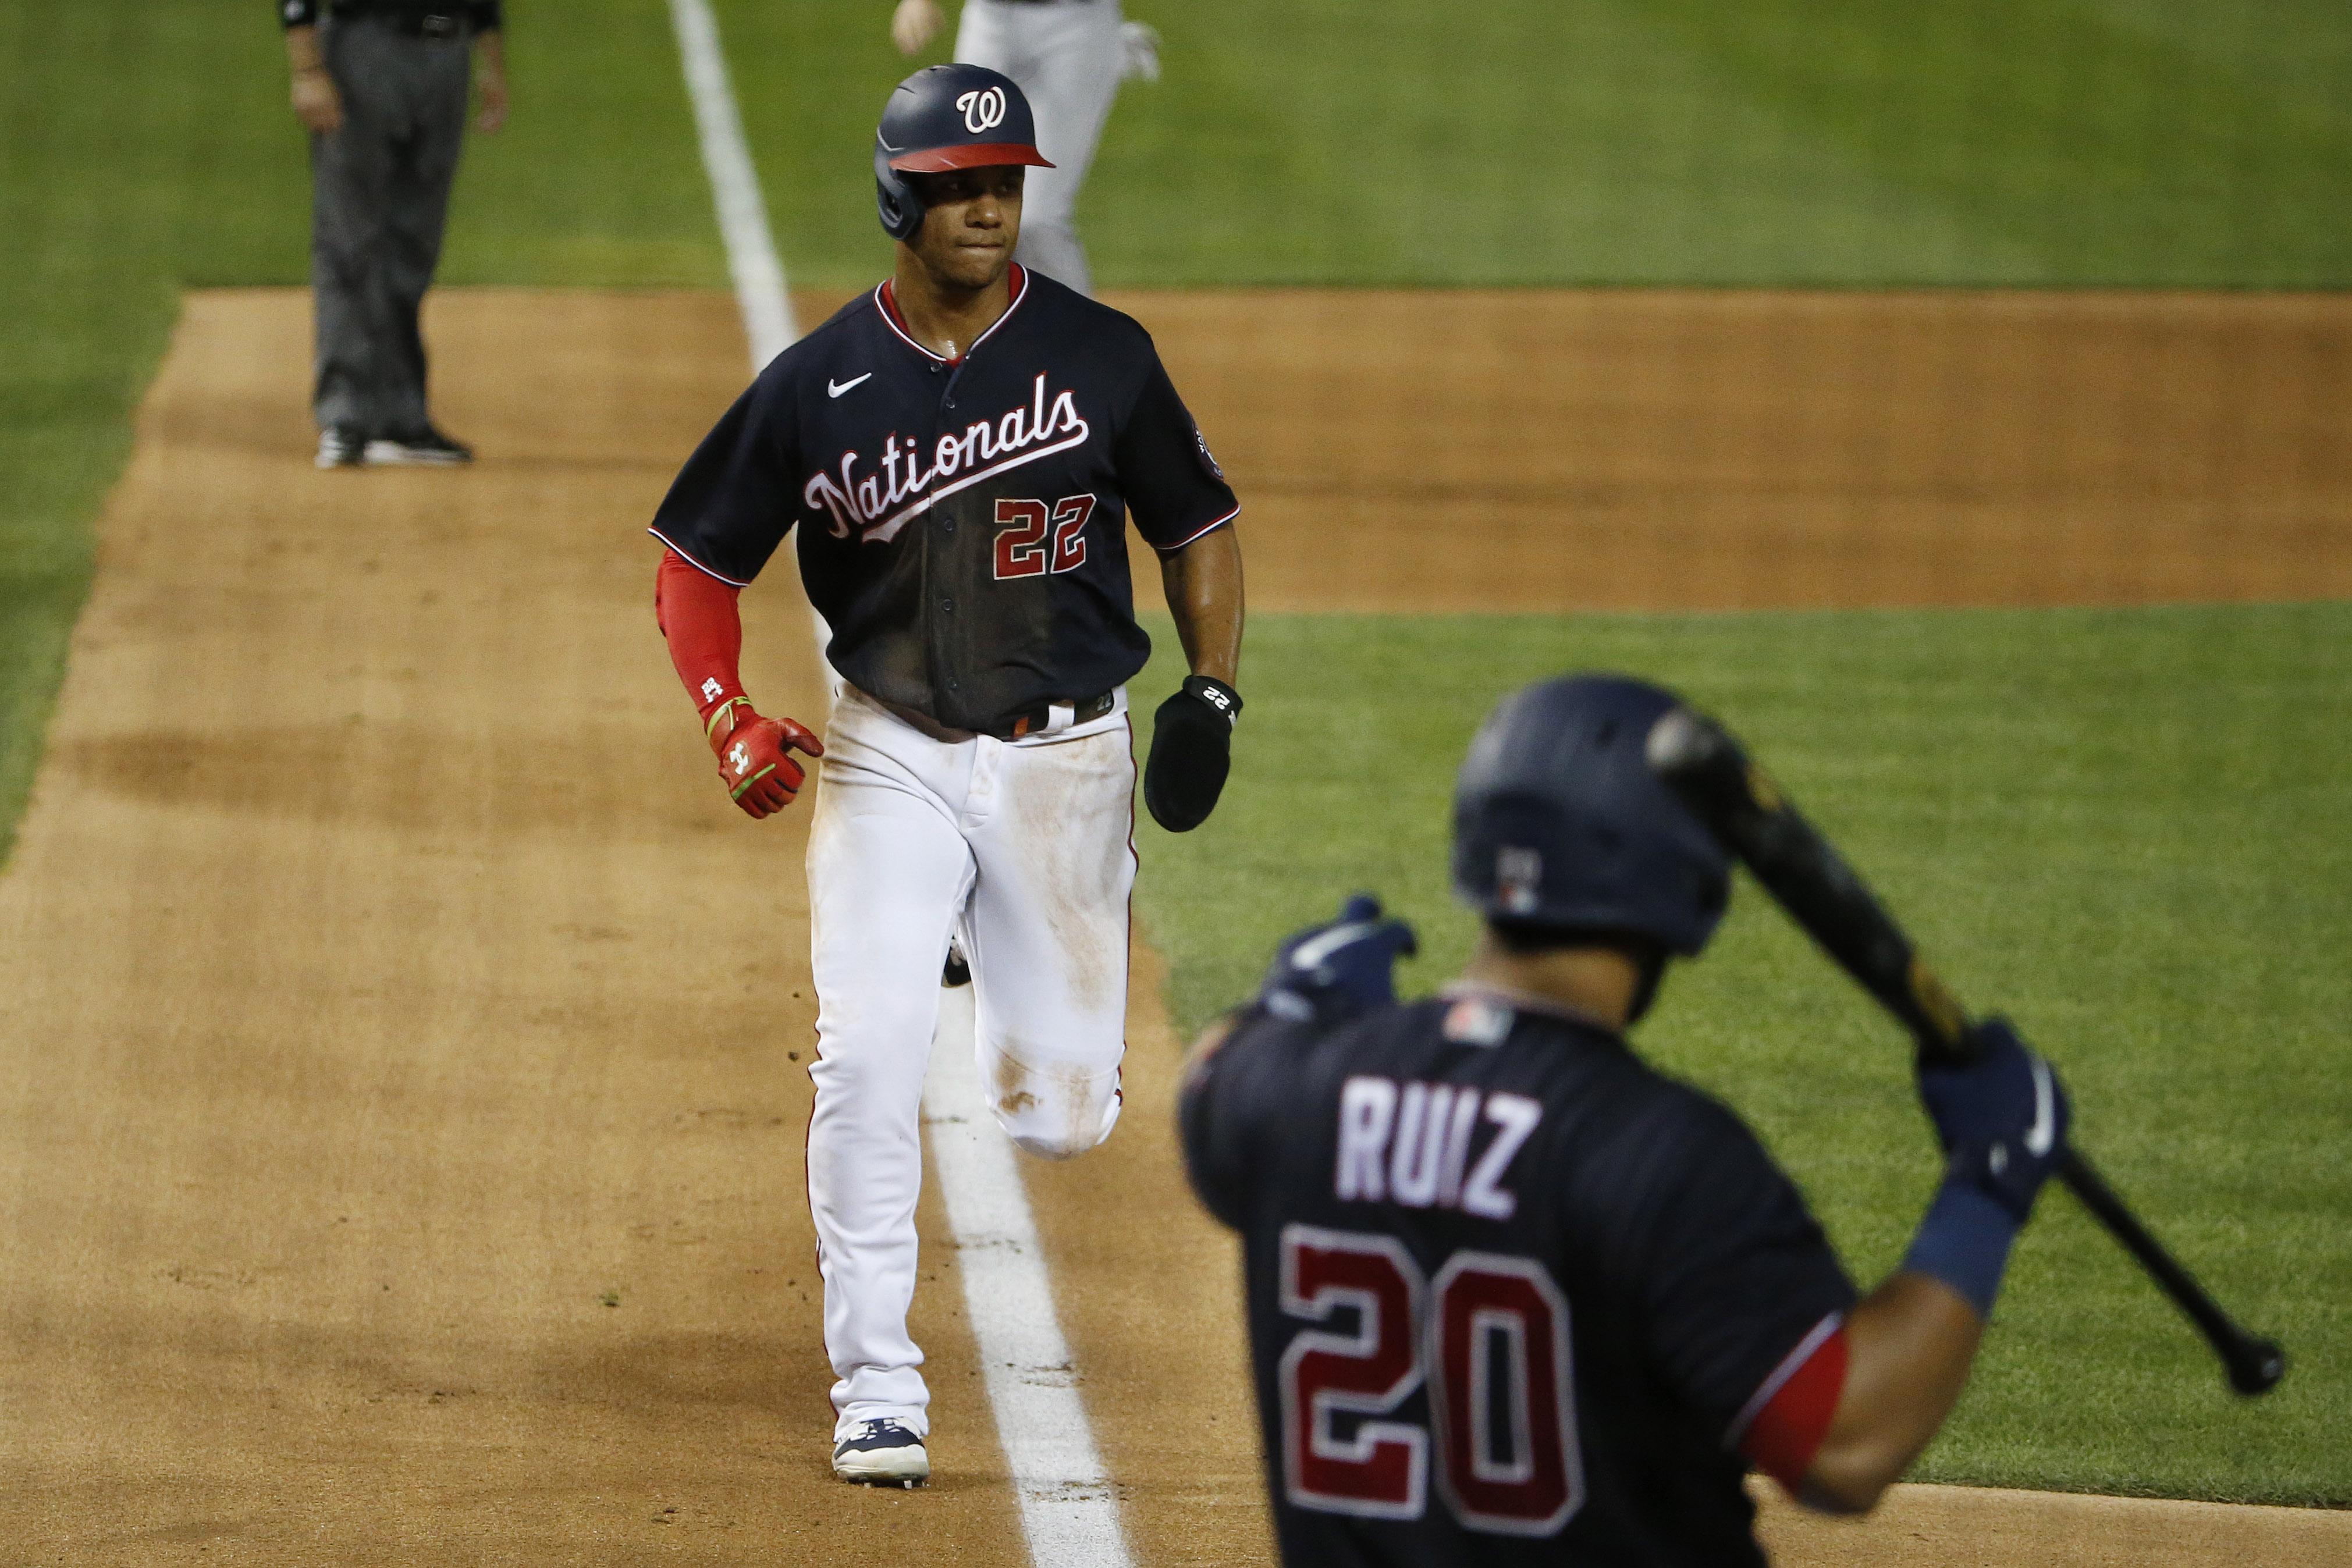 MLB: Colorado Rockies at Washington Nationals